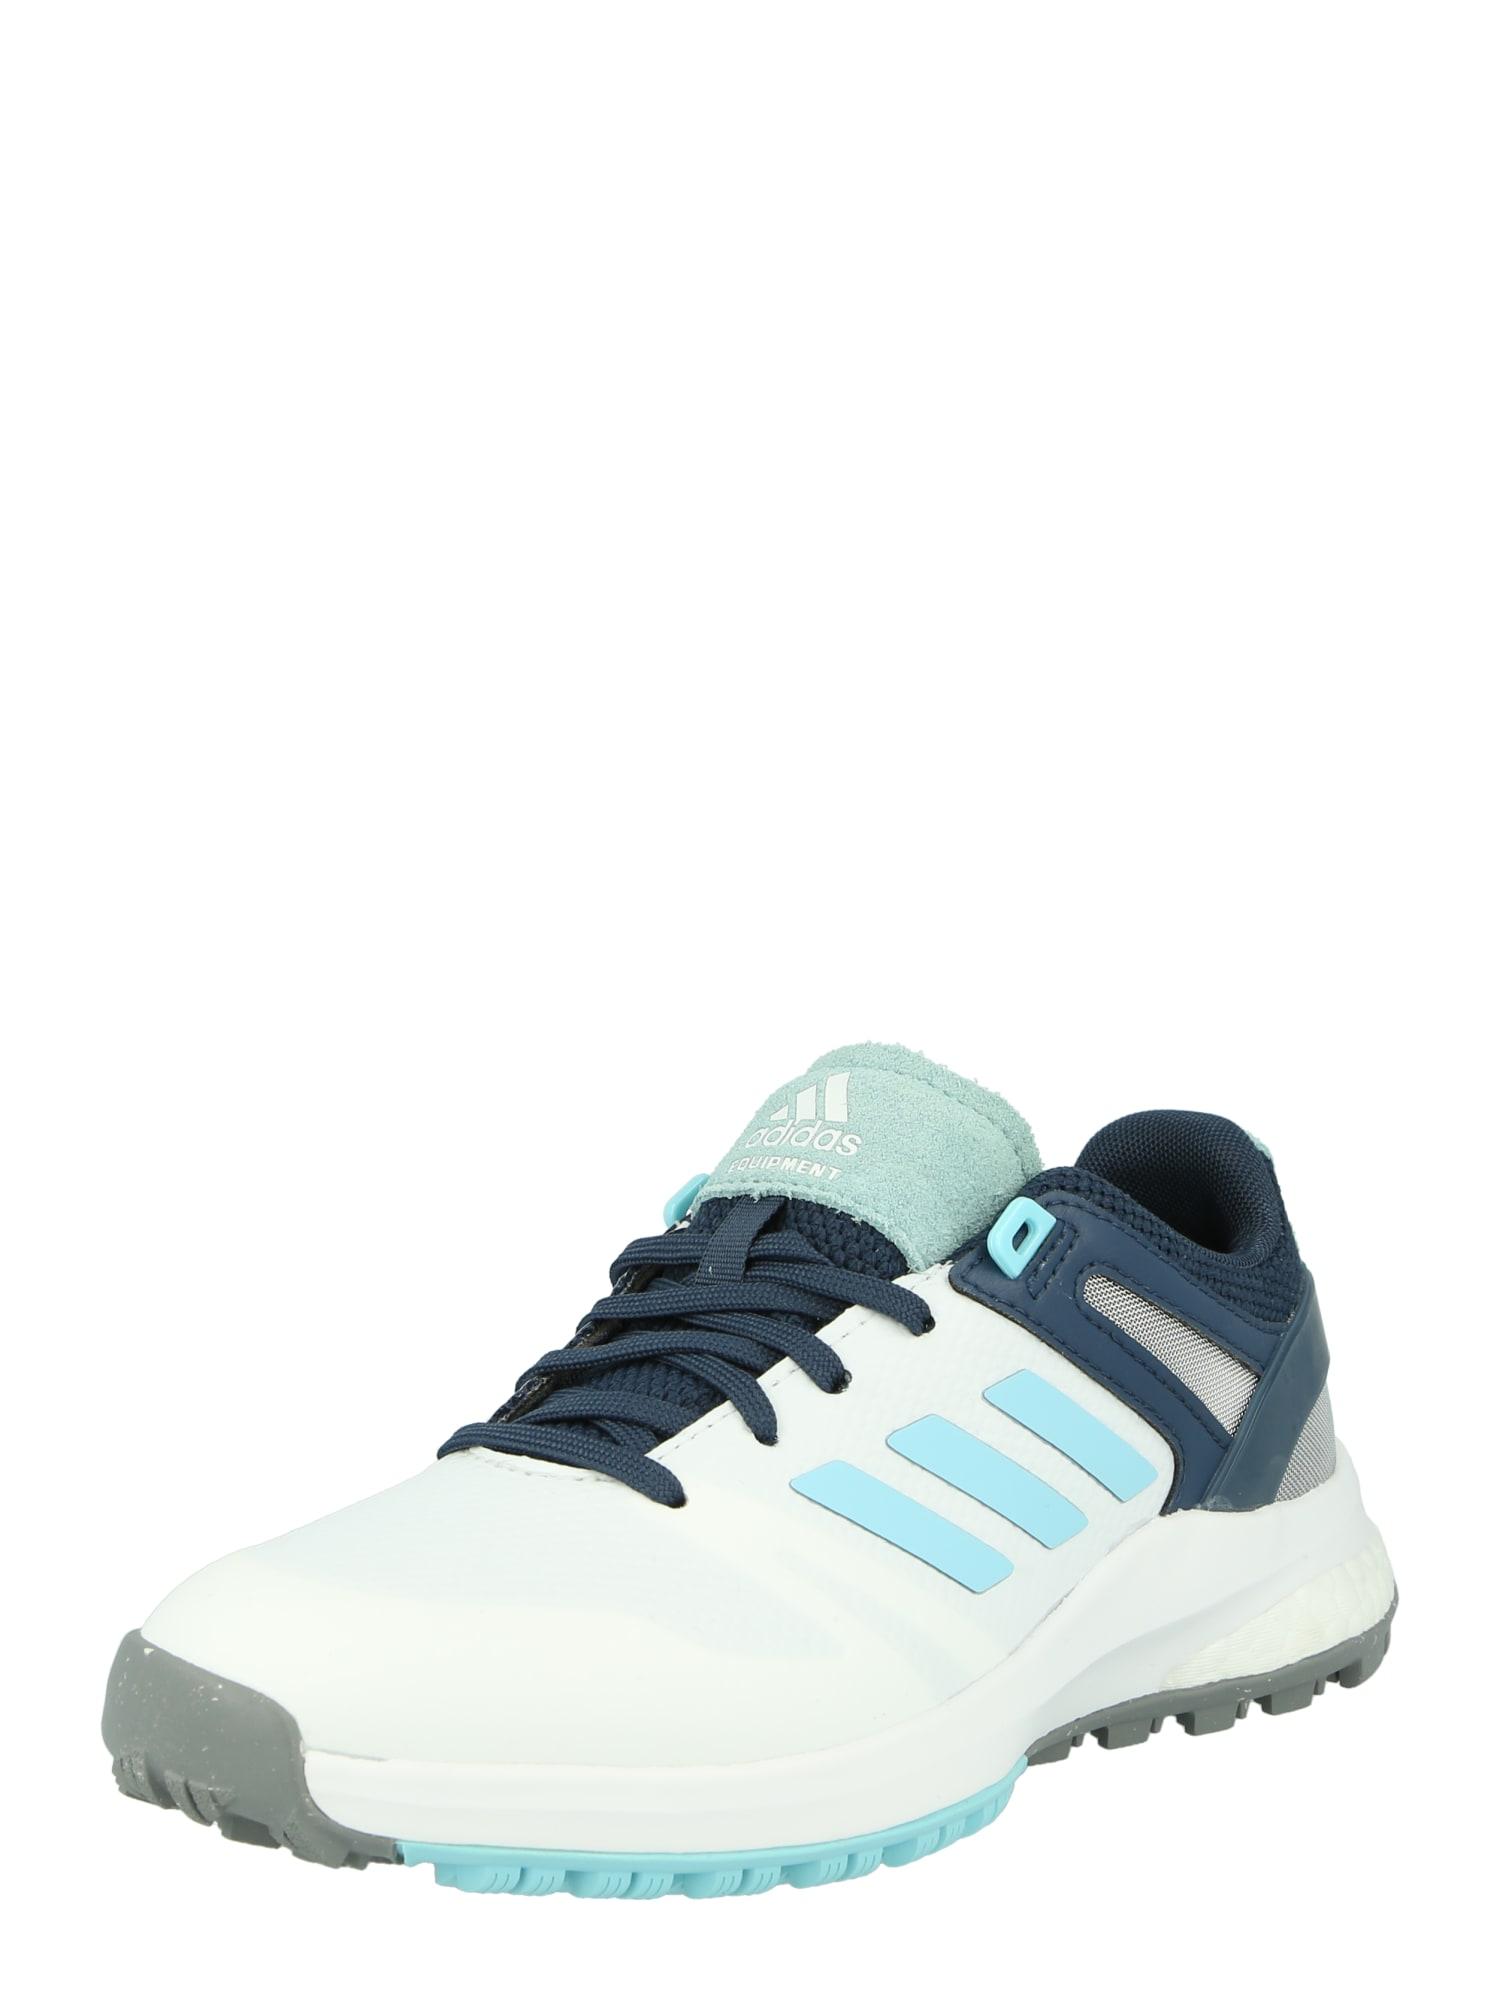 adidas Golf Sportiniai batai balta / turkio spalva / tamsiai mėlyna